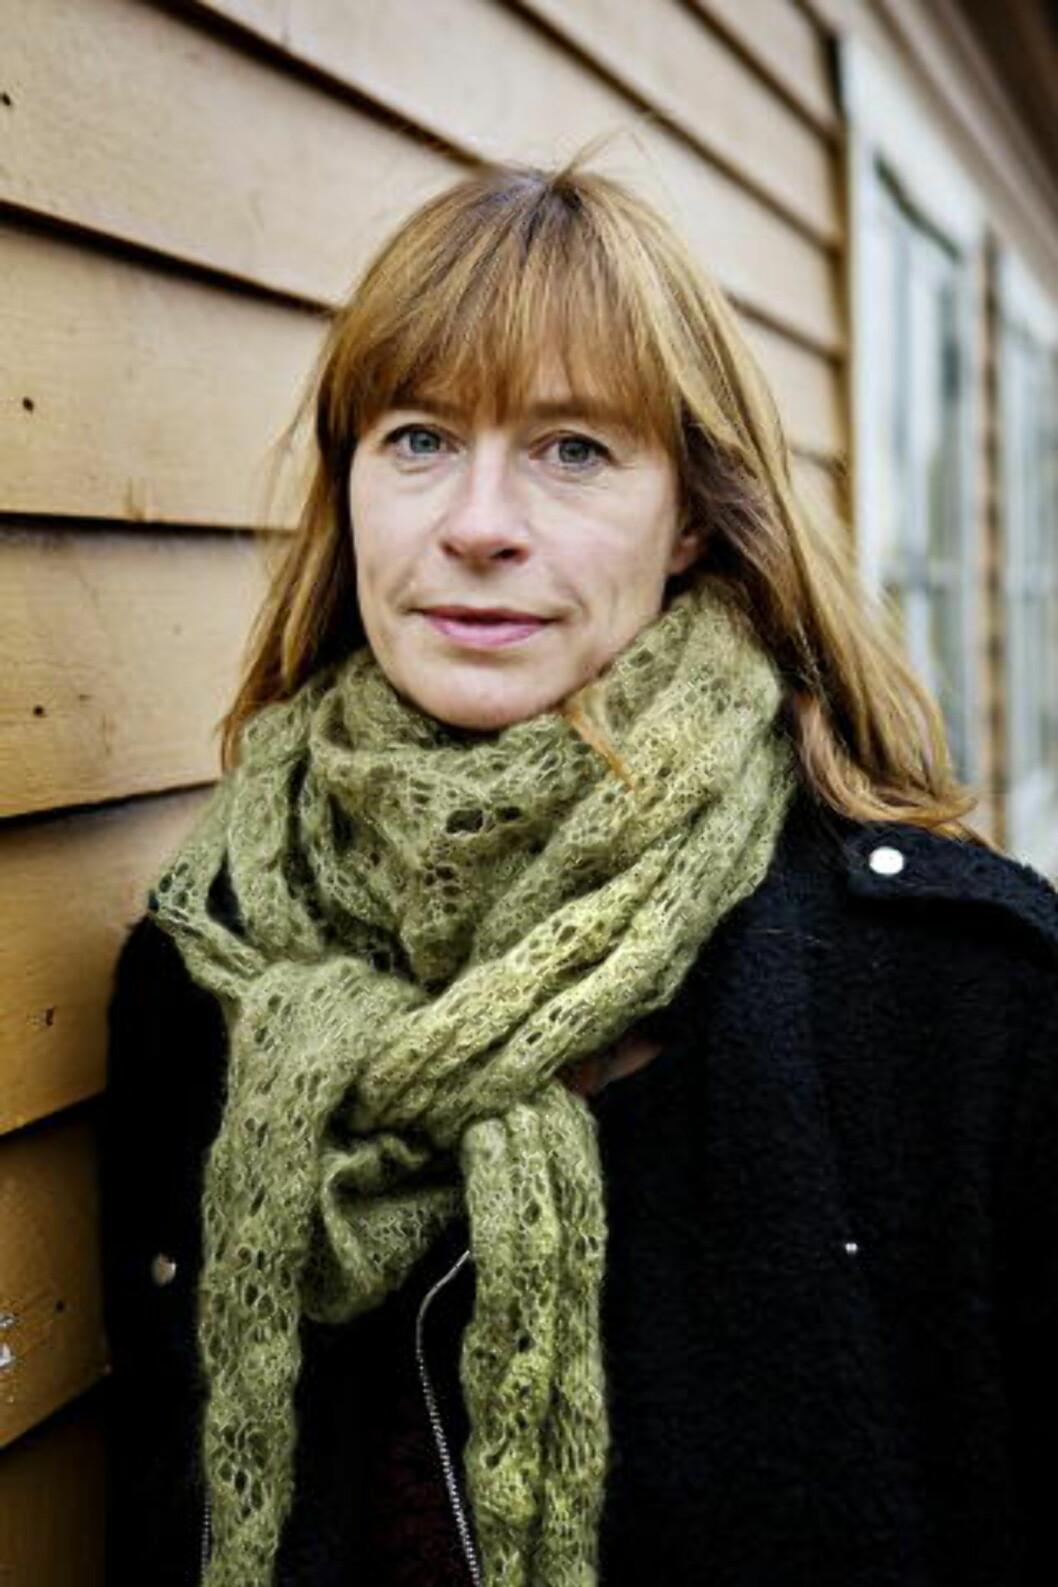 <strong>ETABLERT FORFATTER:</strong> Cecilie Enger har vært forfatter i mange år, men med høstens roman har hun nådd ut til, og berørt, veldig mange lesere. Foto: Nina Hansen / Dagbladet